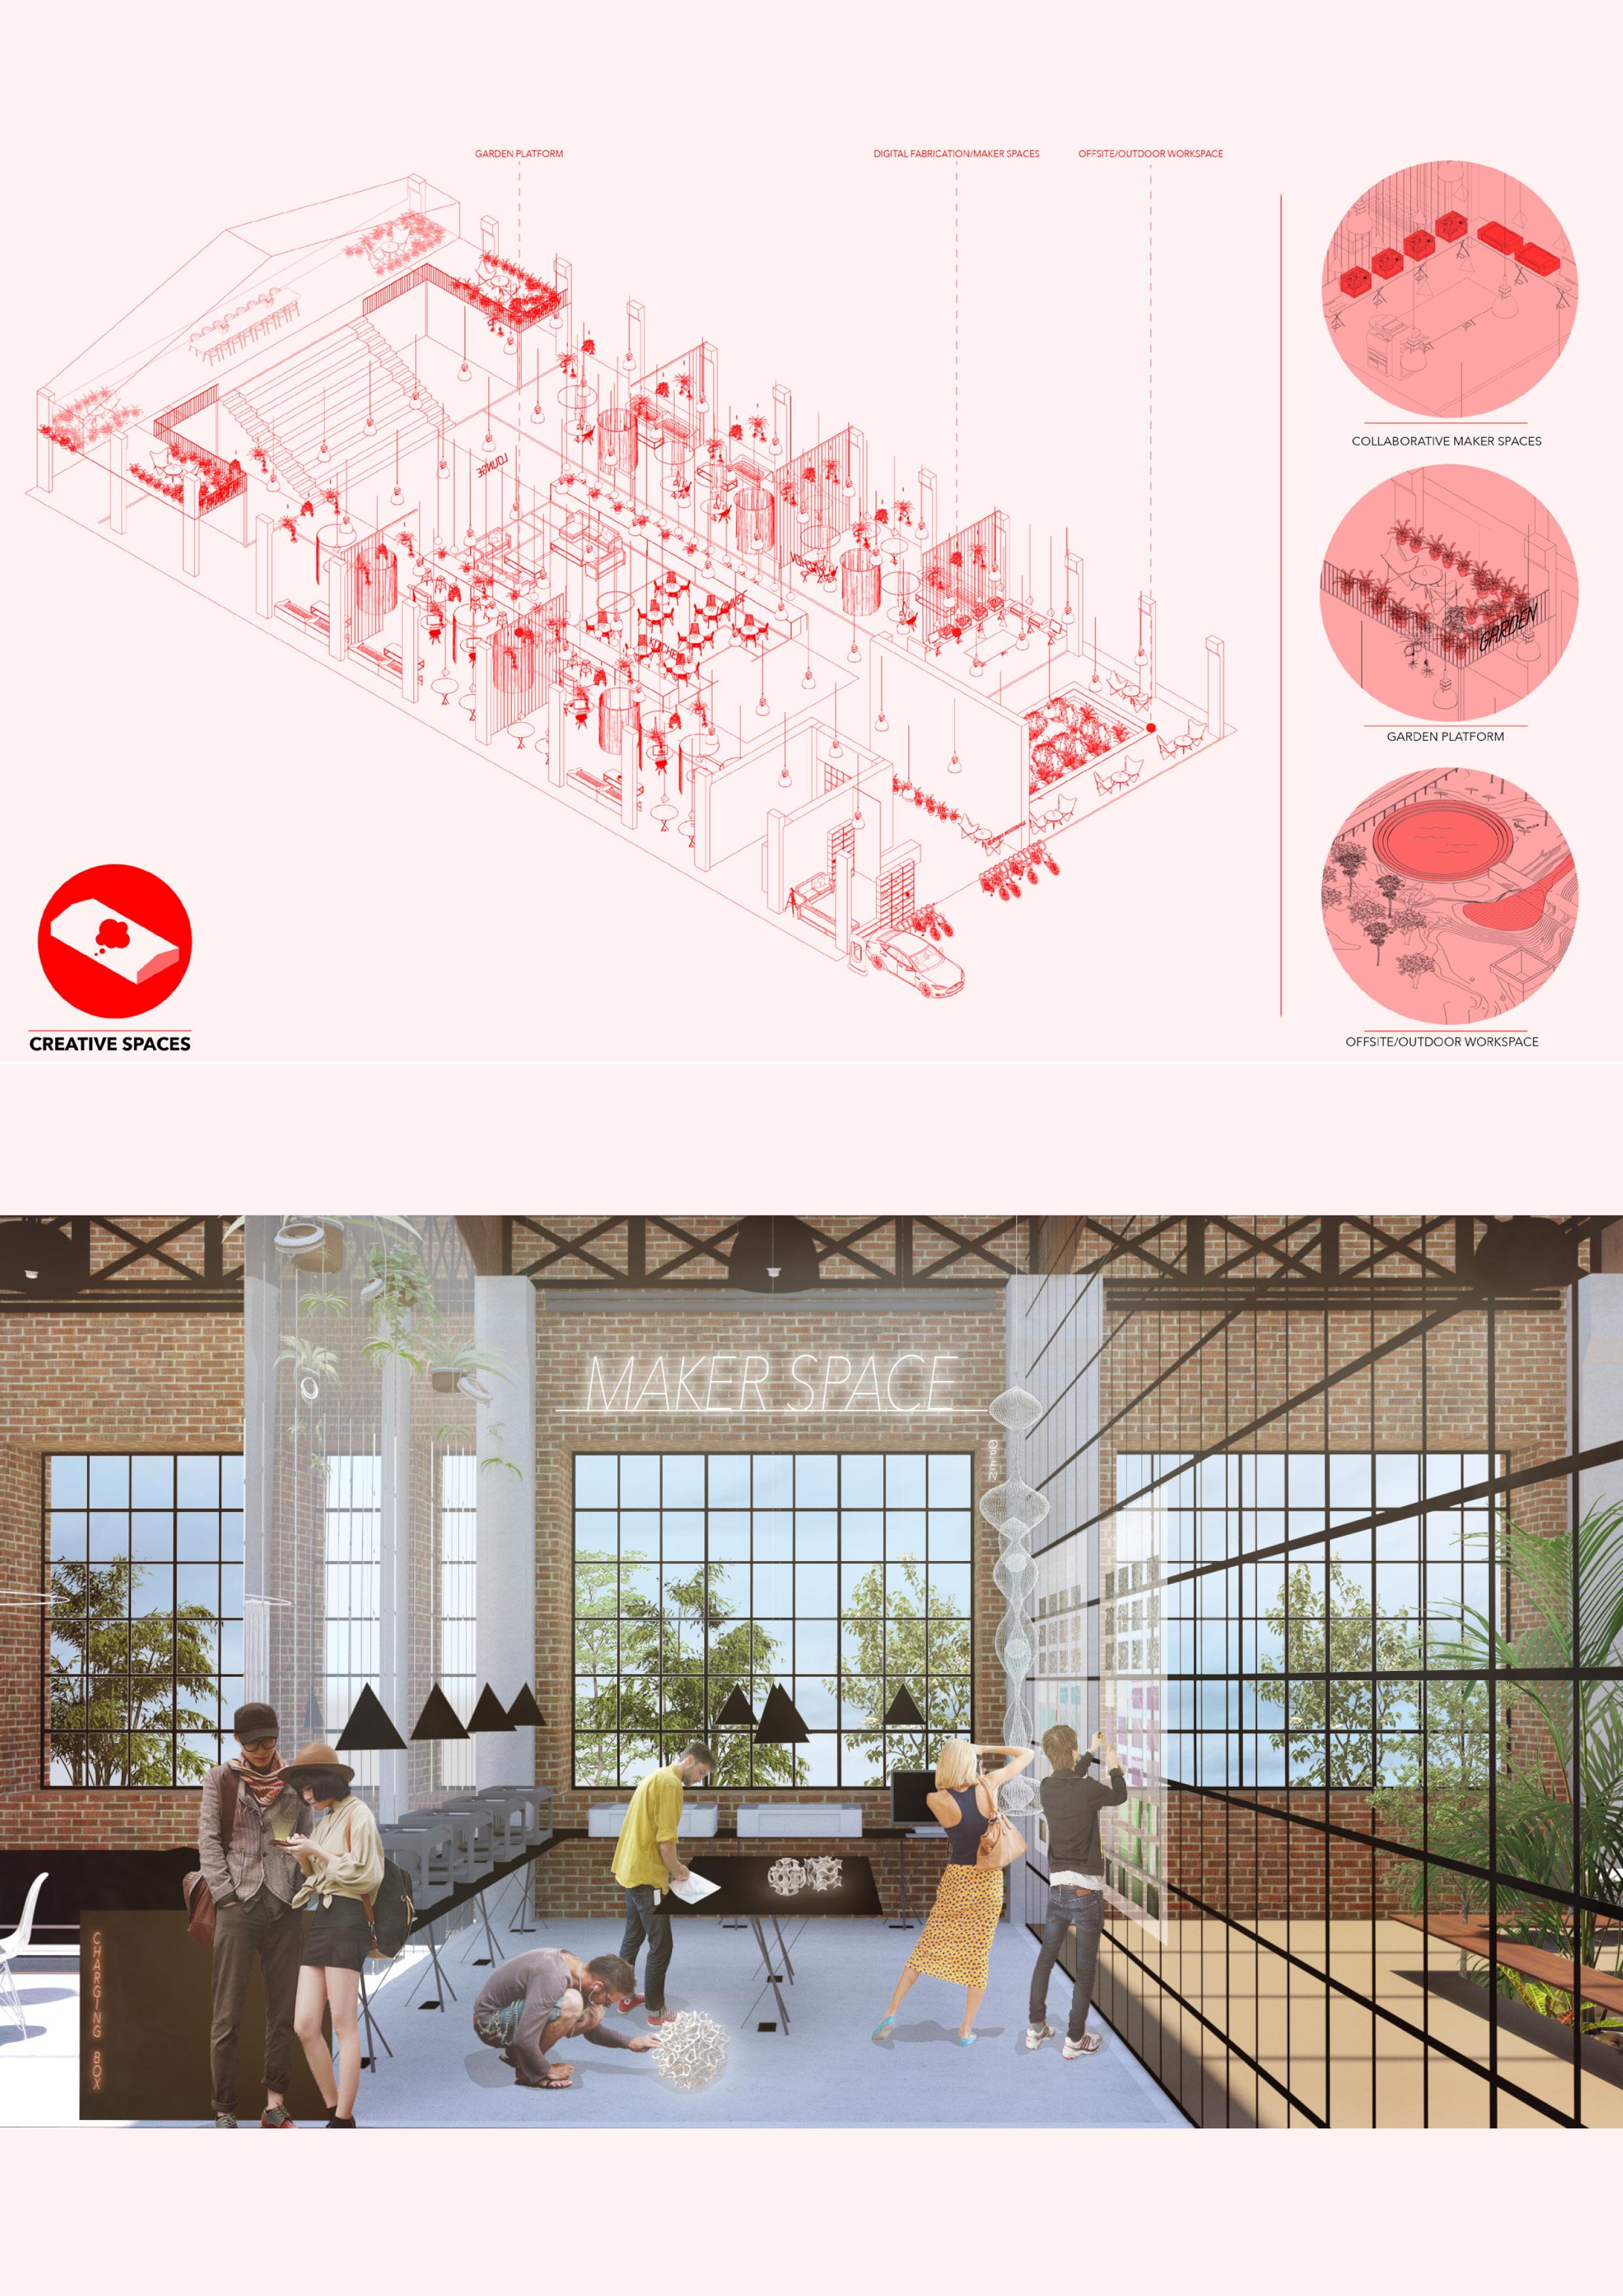 Atelier Aitken Modern Workplace design - Creative Workspaces.jpg